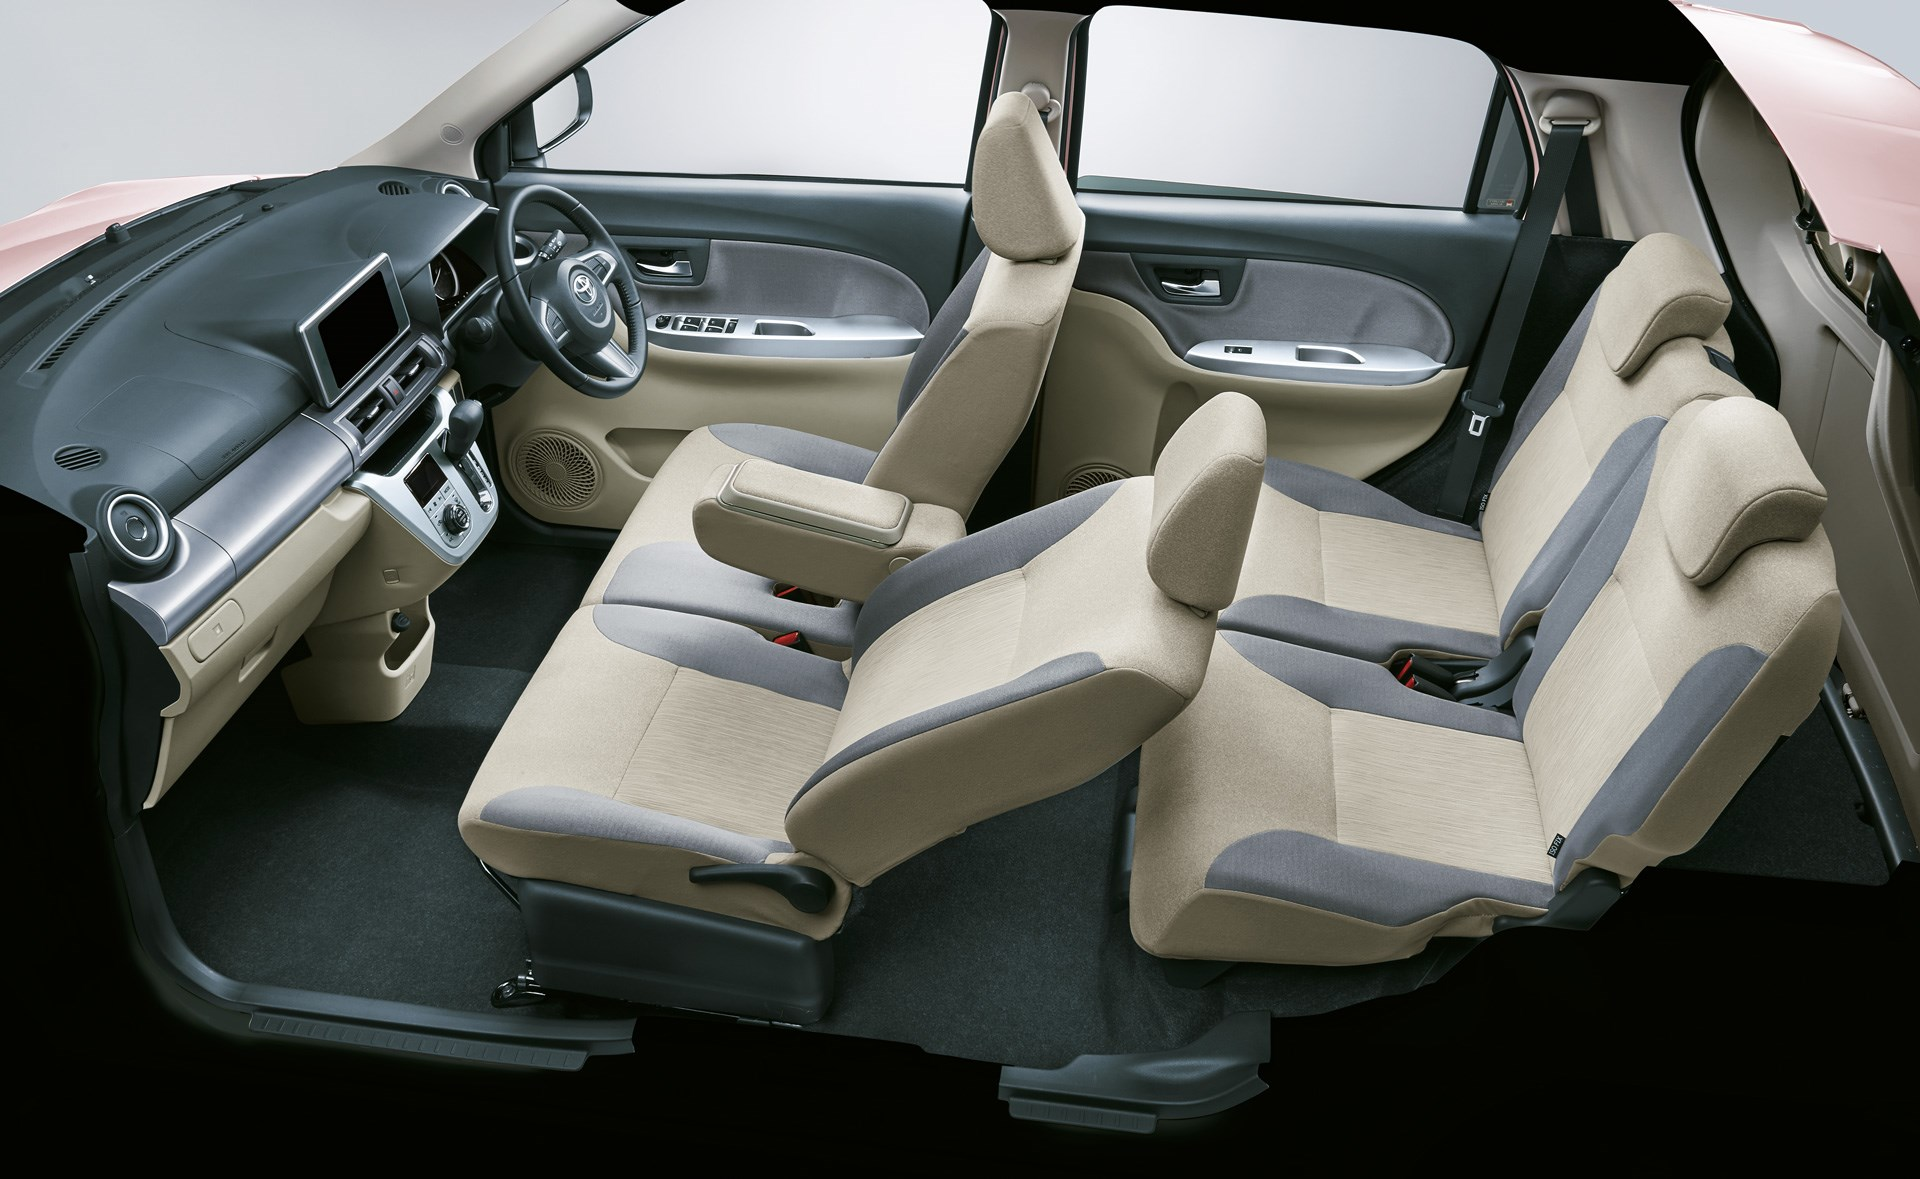 キャストのOEM車、トヨタチャネルで販売